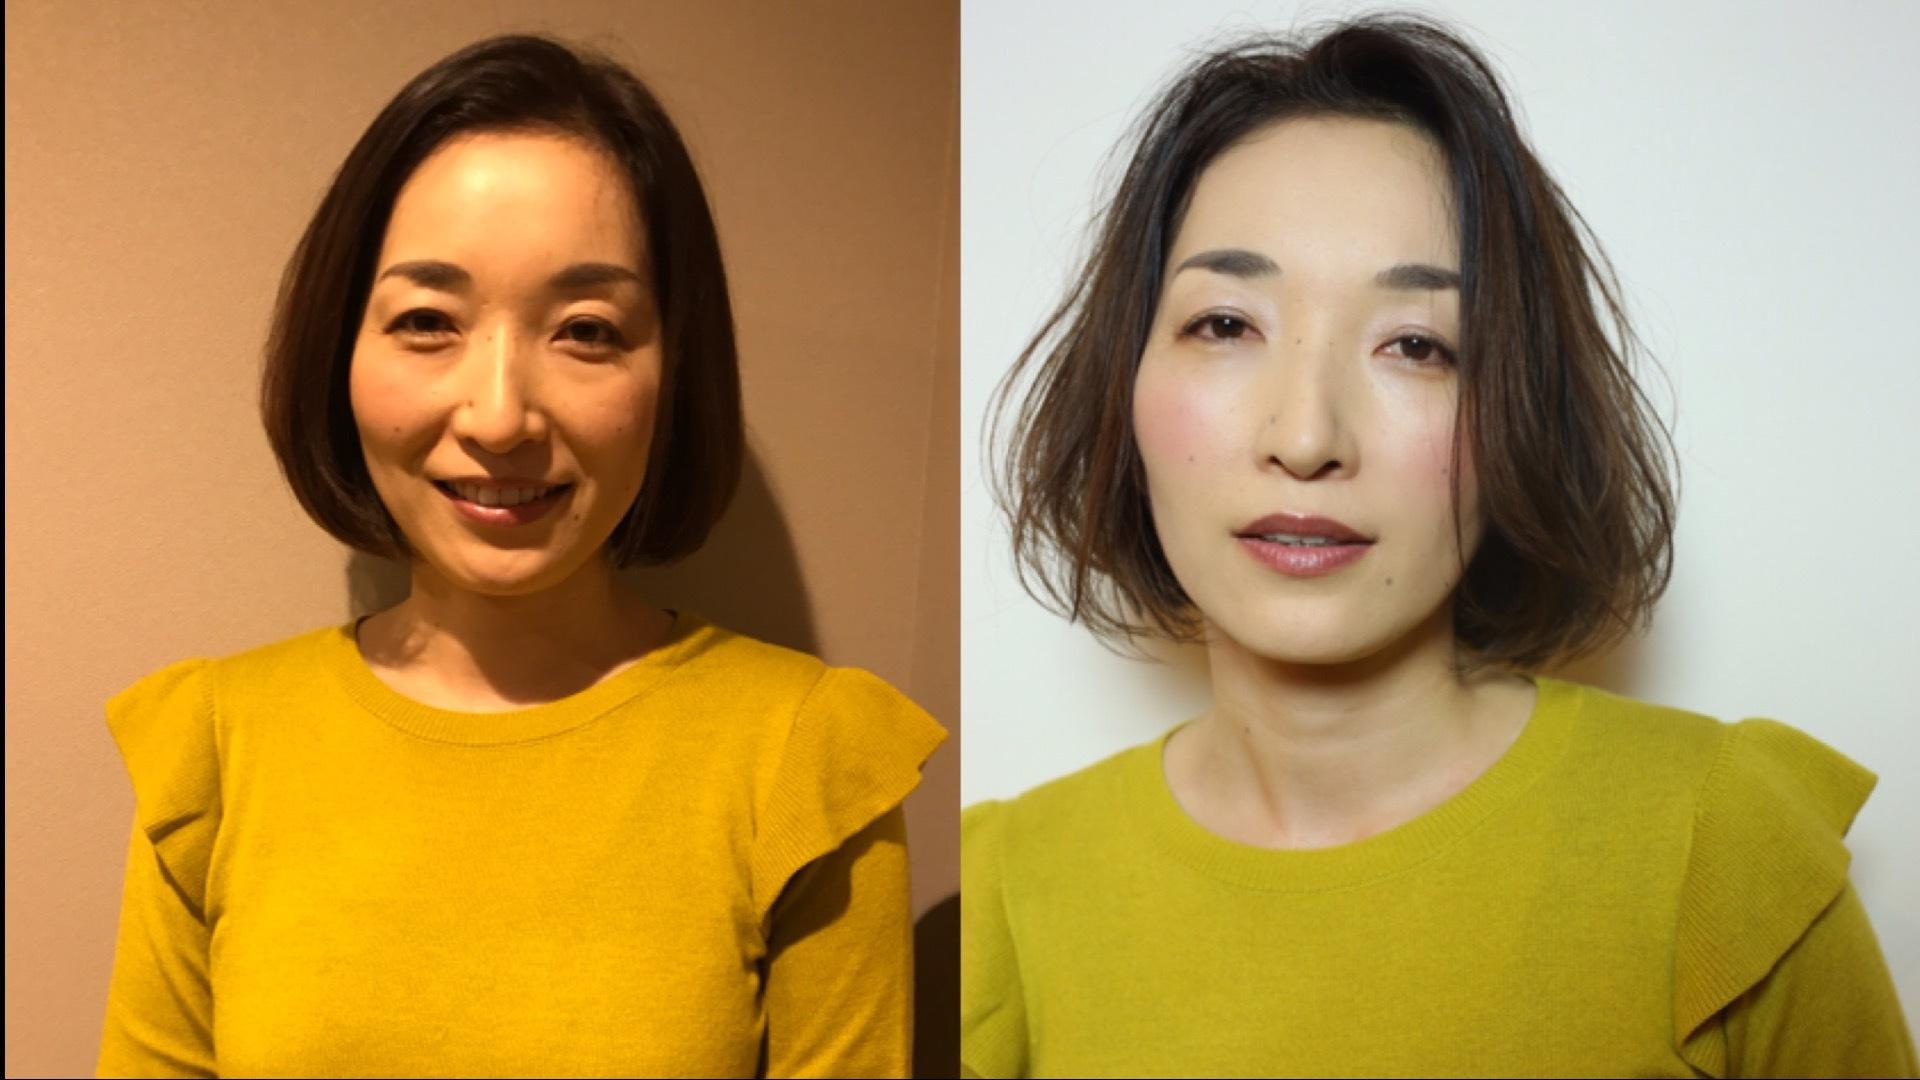 女性像に合わせたスタイリングプロセスPart2〜大人ボブ編〜